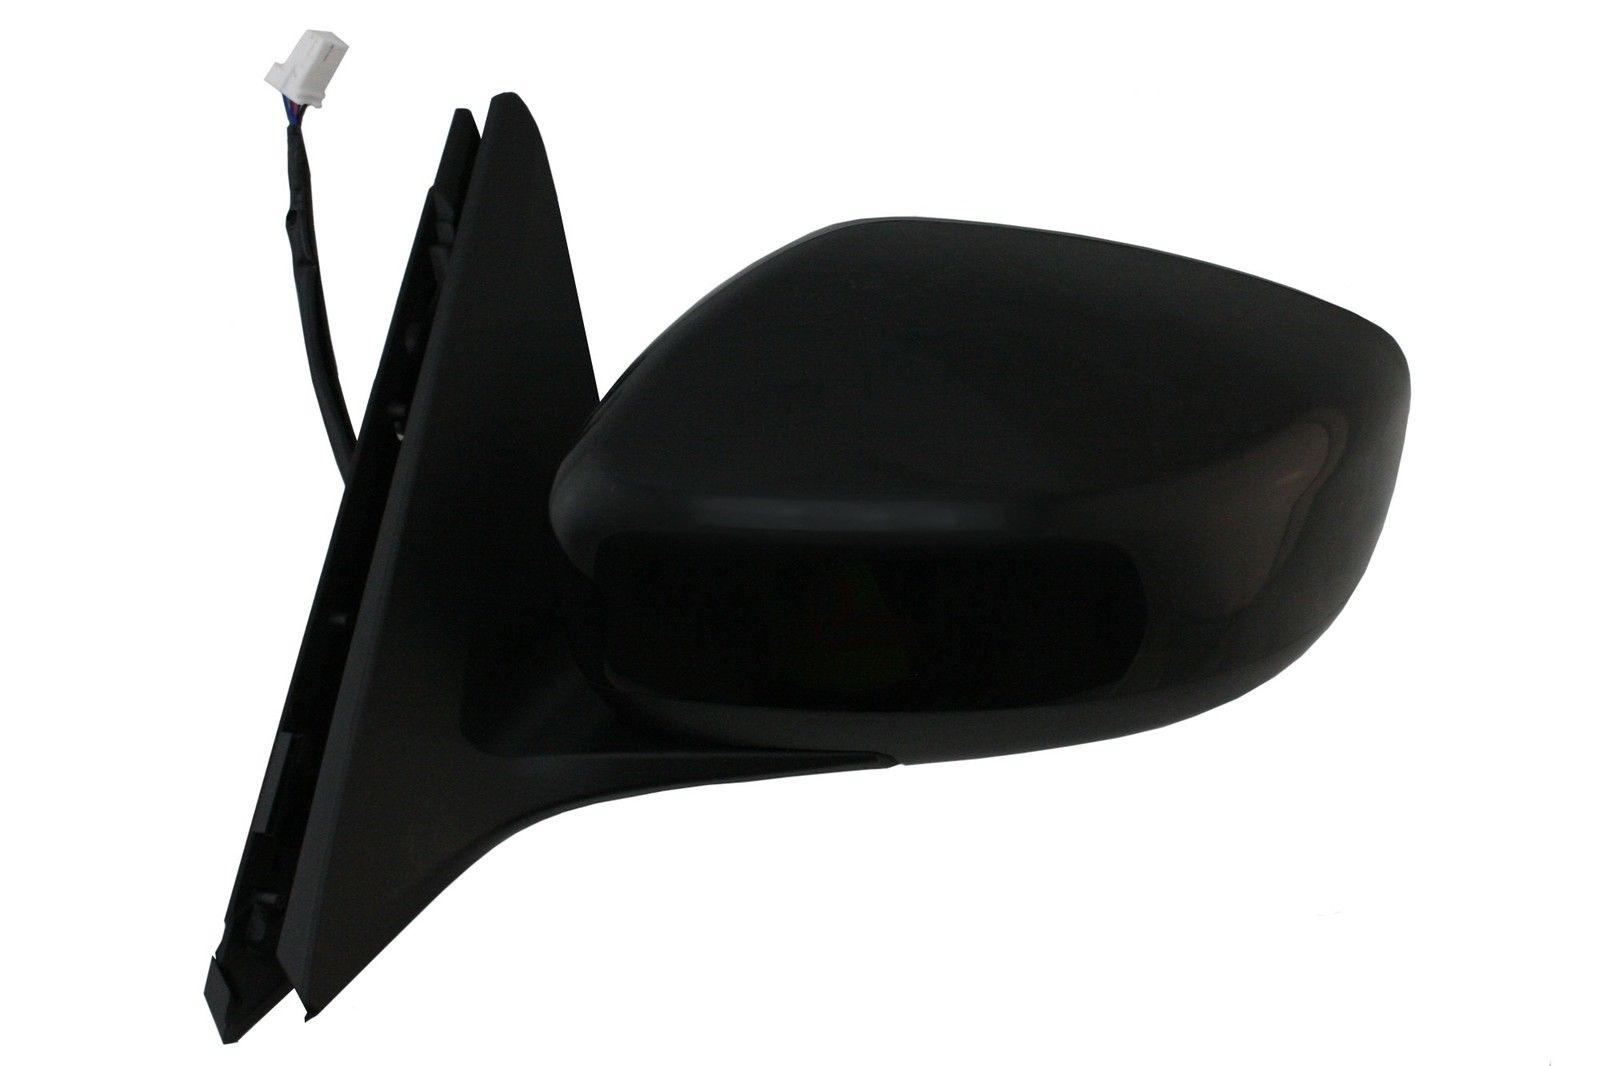 <title>☆送料無料☆USパーツ 海外メーカー輸入品 USミラー 左側のドライバー側に新しいパワーヒートサイドミラー New Power Heated Side Mirror for Left 期間限定お試し価格 Drivers</title>